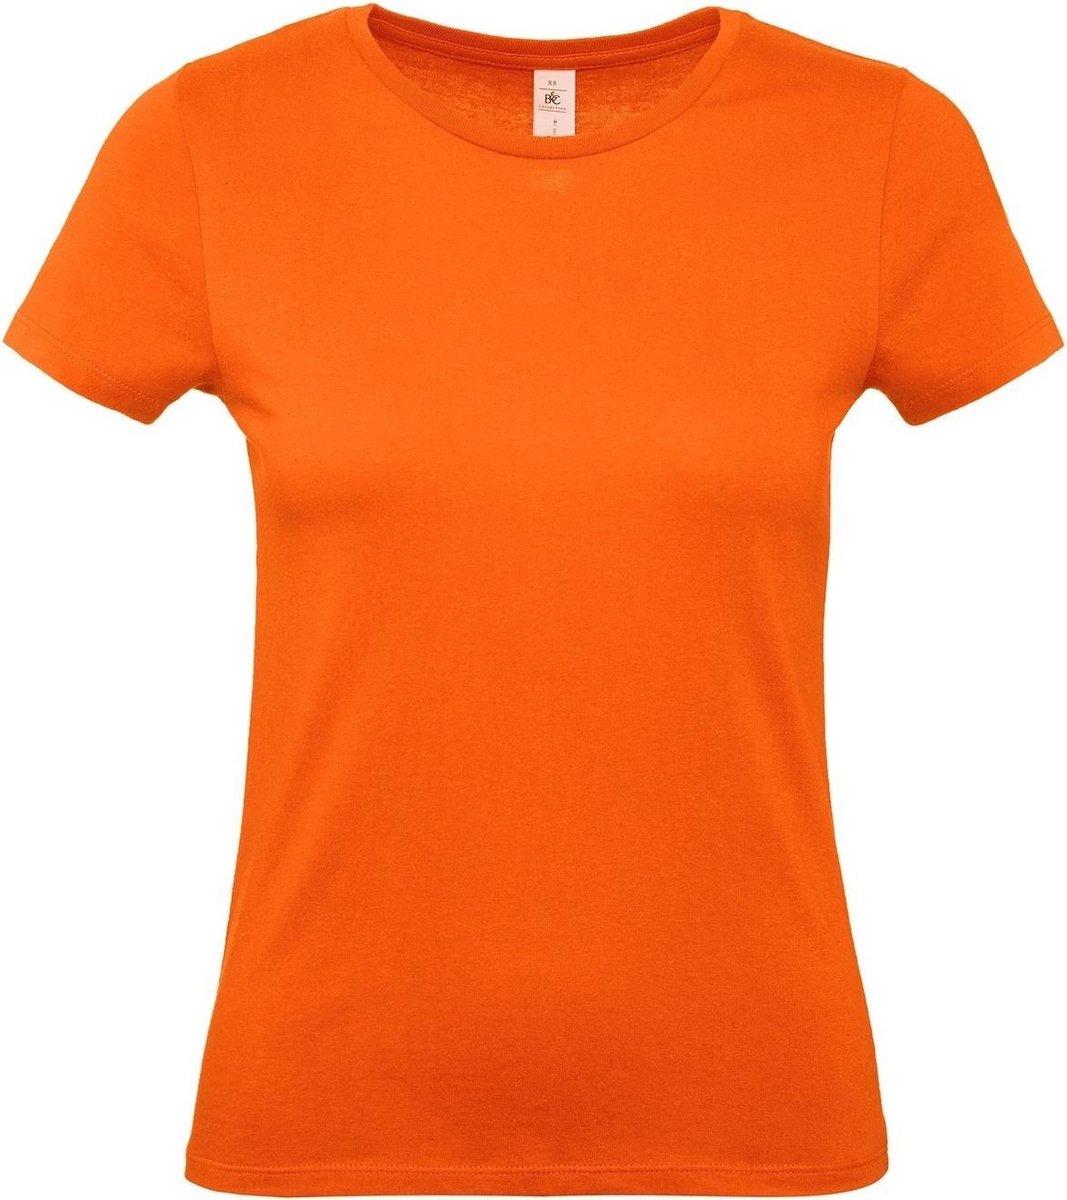 Oranje t-shirts met ronde hals voor dames - 100% katoen - Koningsdag / Nederland supporter L (40)